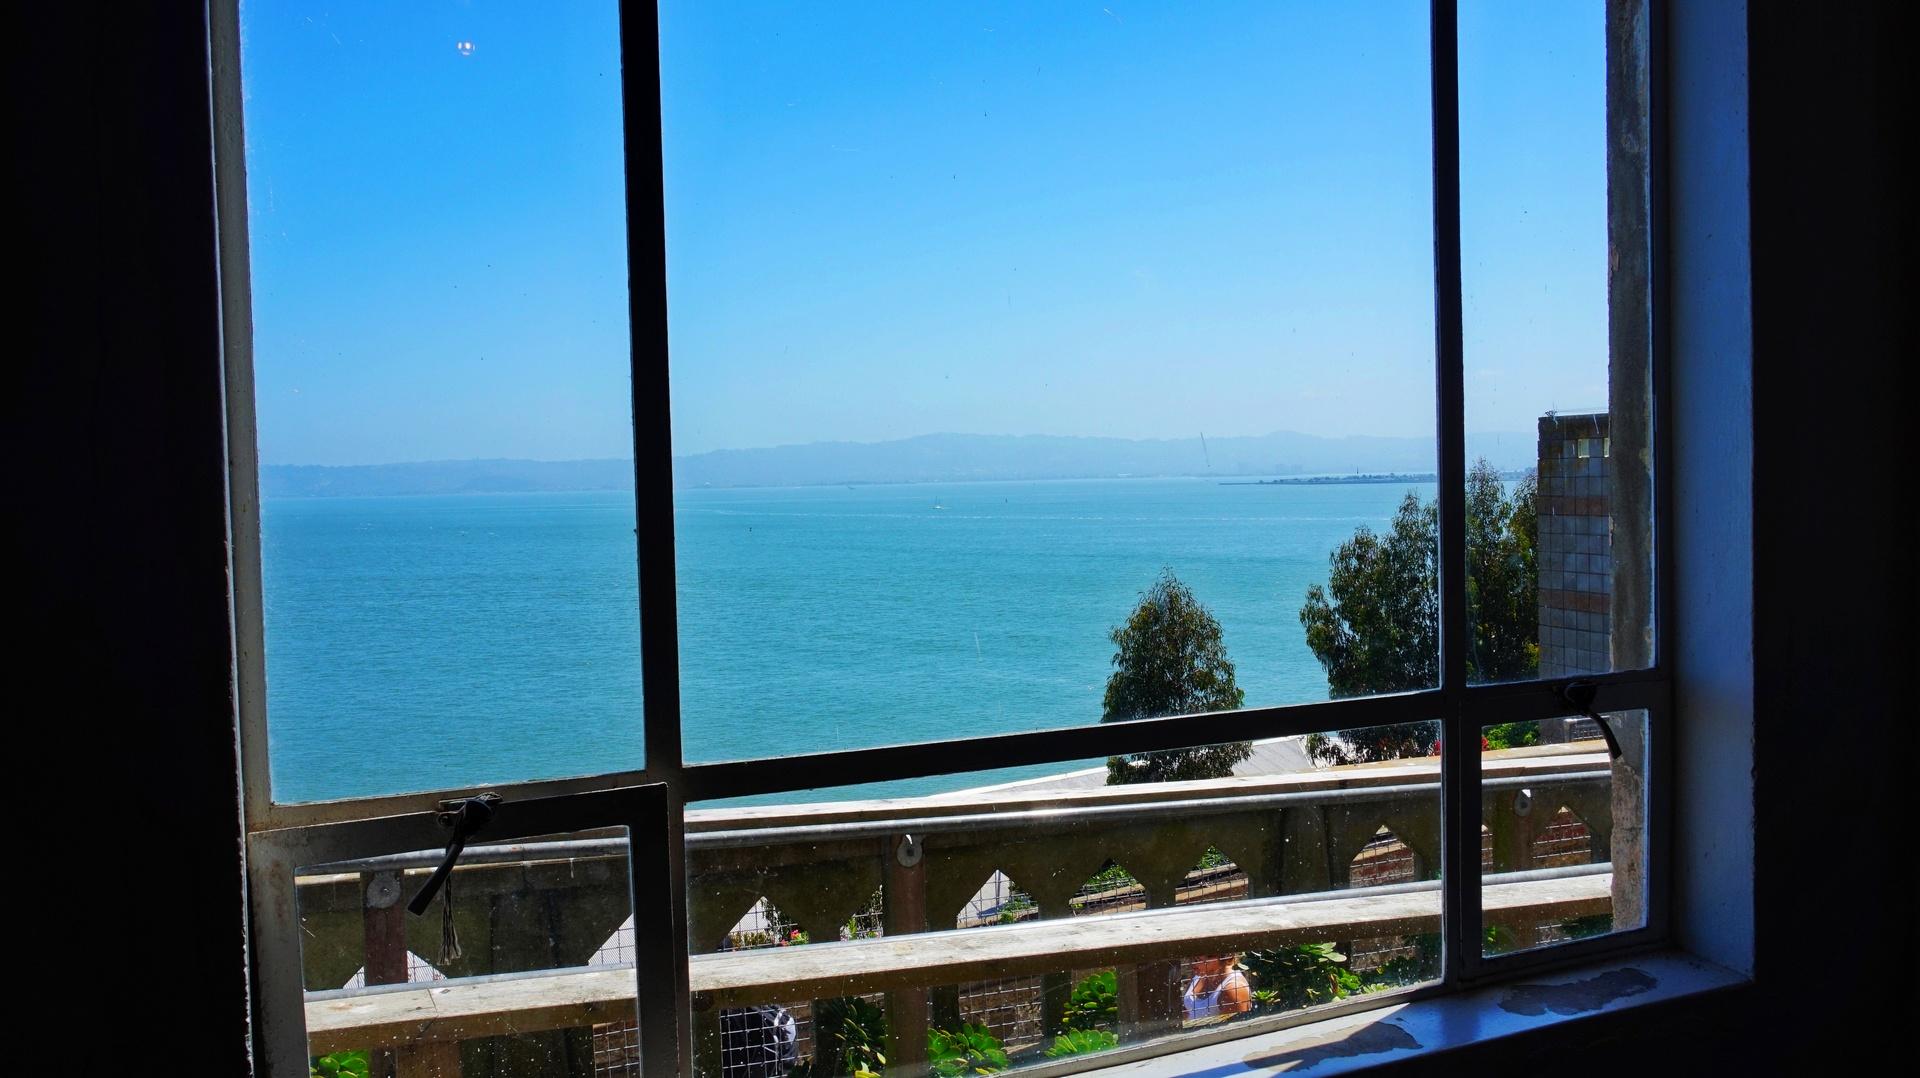 Widok na ocean z więzienia w Alcatraz, San Francisco, USA | Sway the way